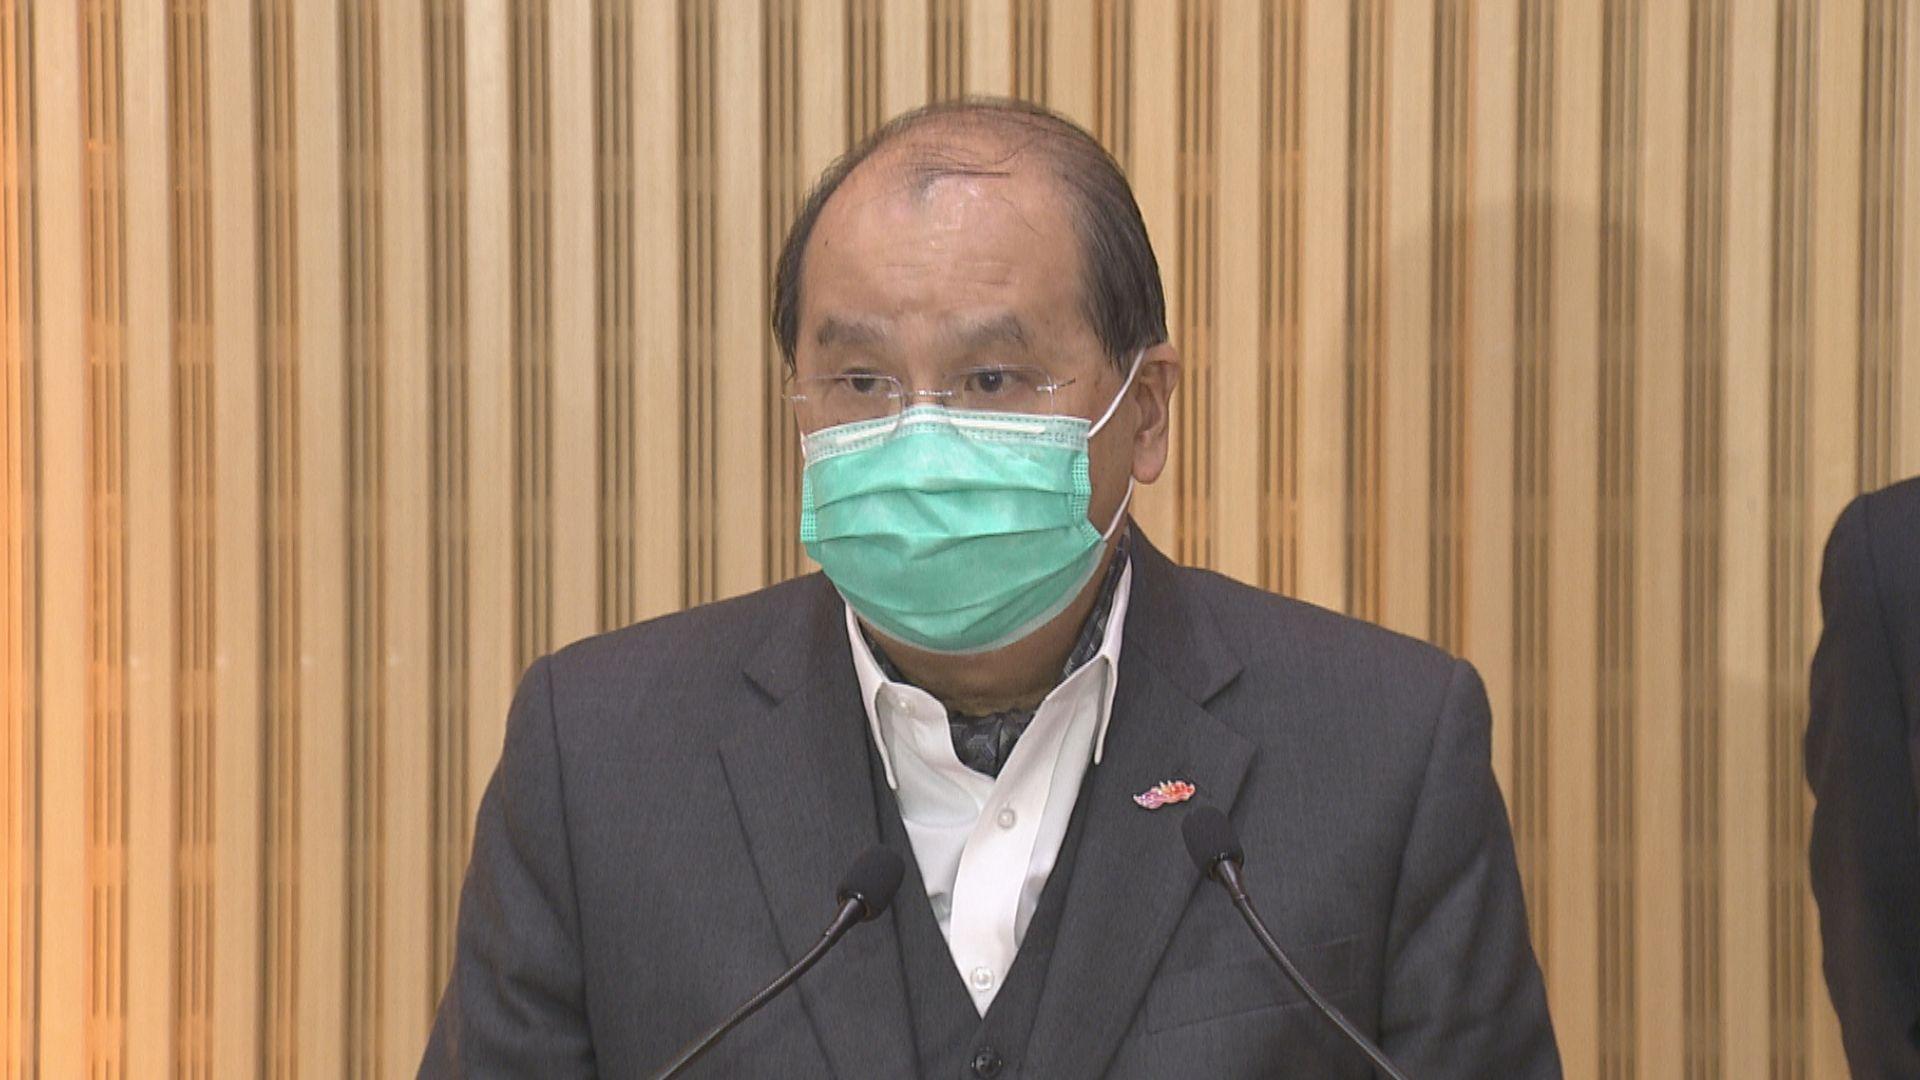 張建宗網誌稱政府繼續果斷抗疫